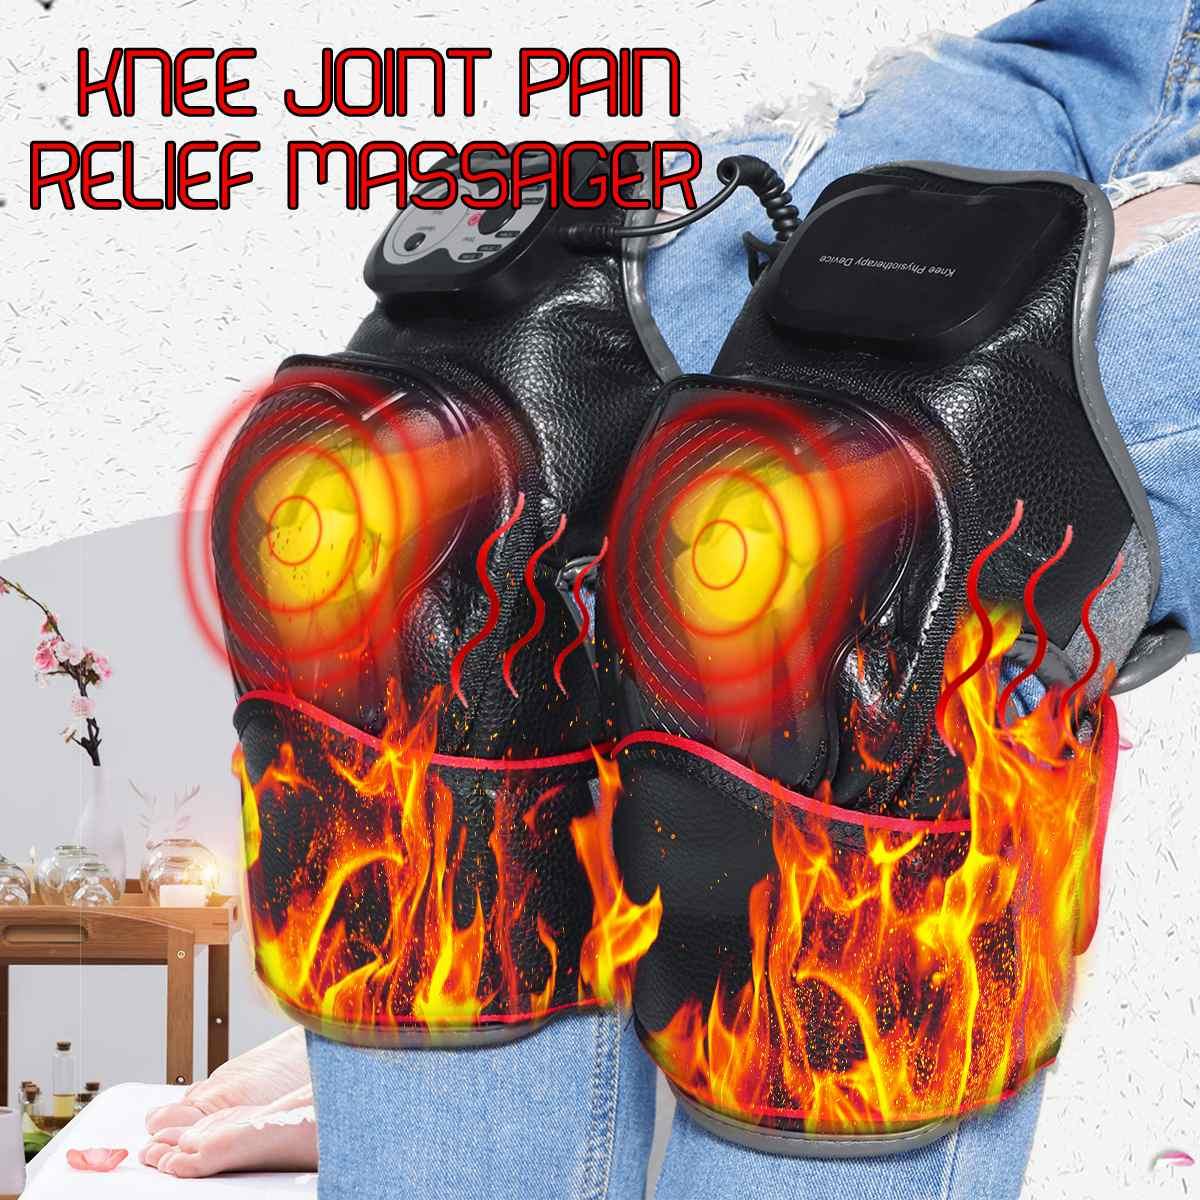 KIFIT masseur de genou magnétique Vibration chauffage Joint physiothérapie Massage électrique soulagement de la douleur équipement de réadaptation soins